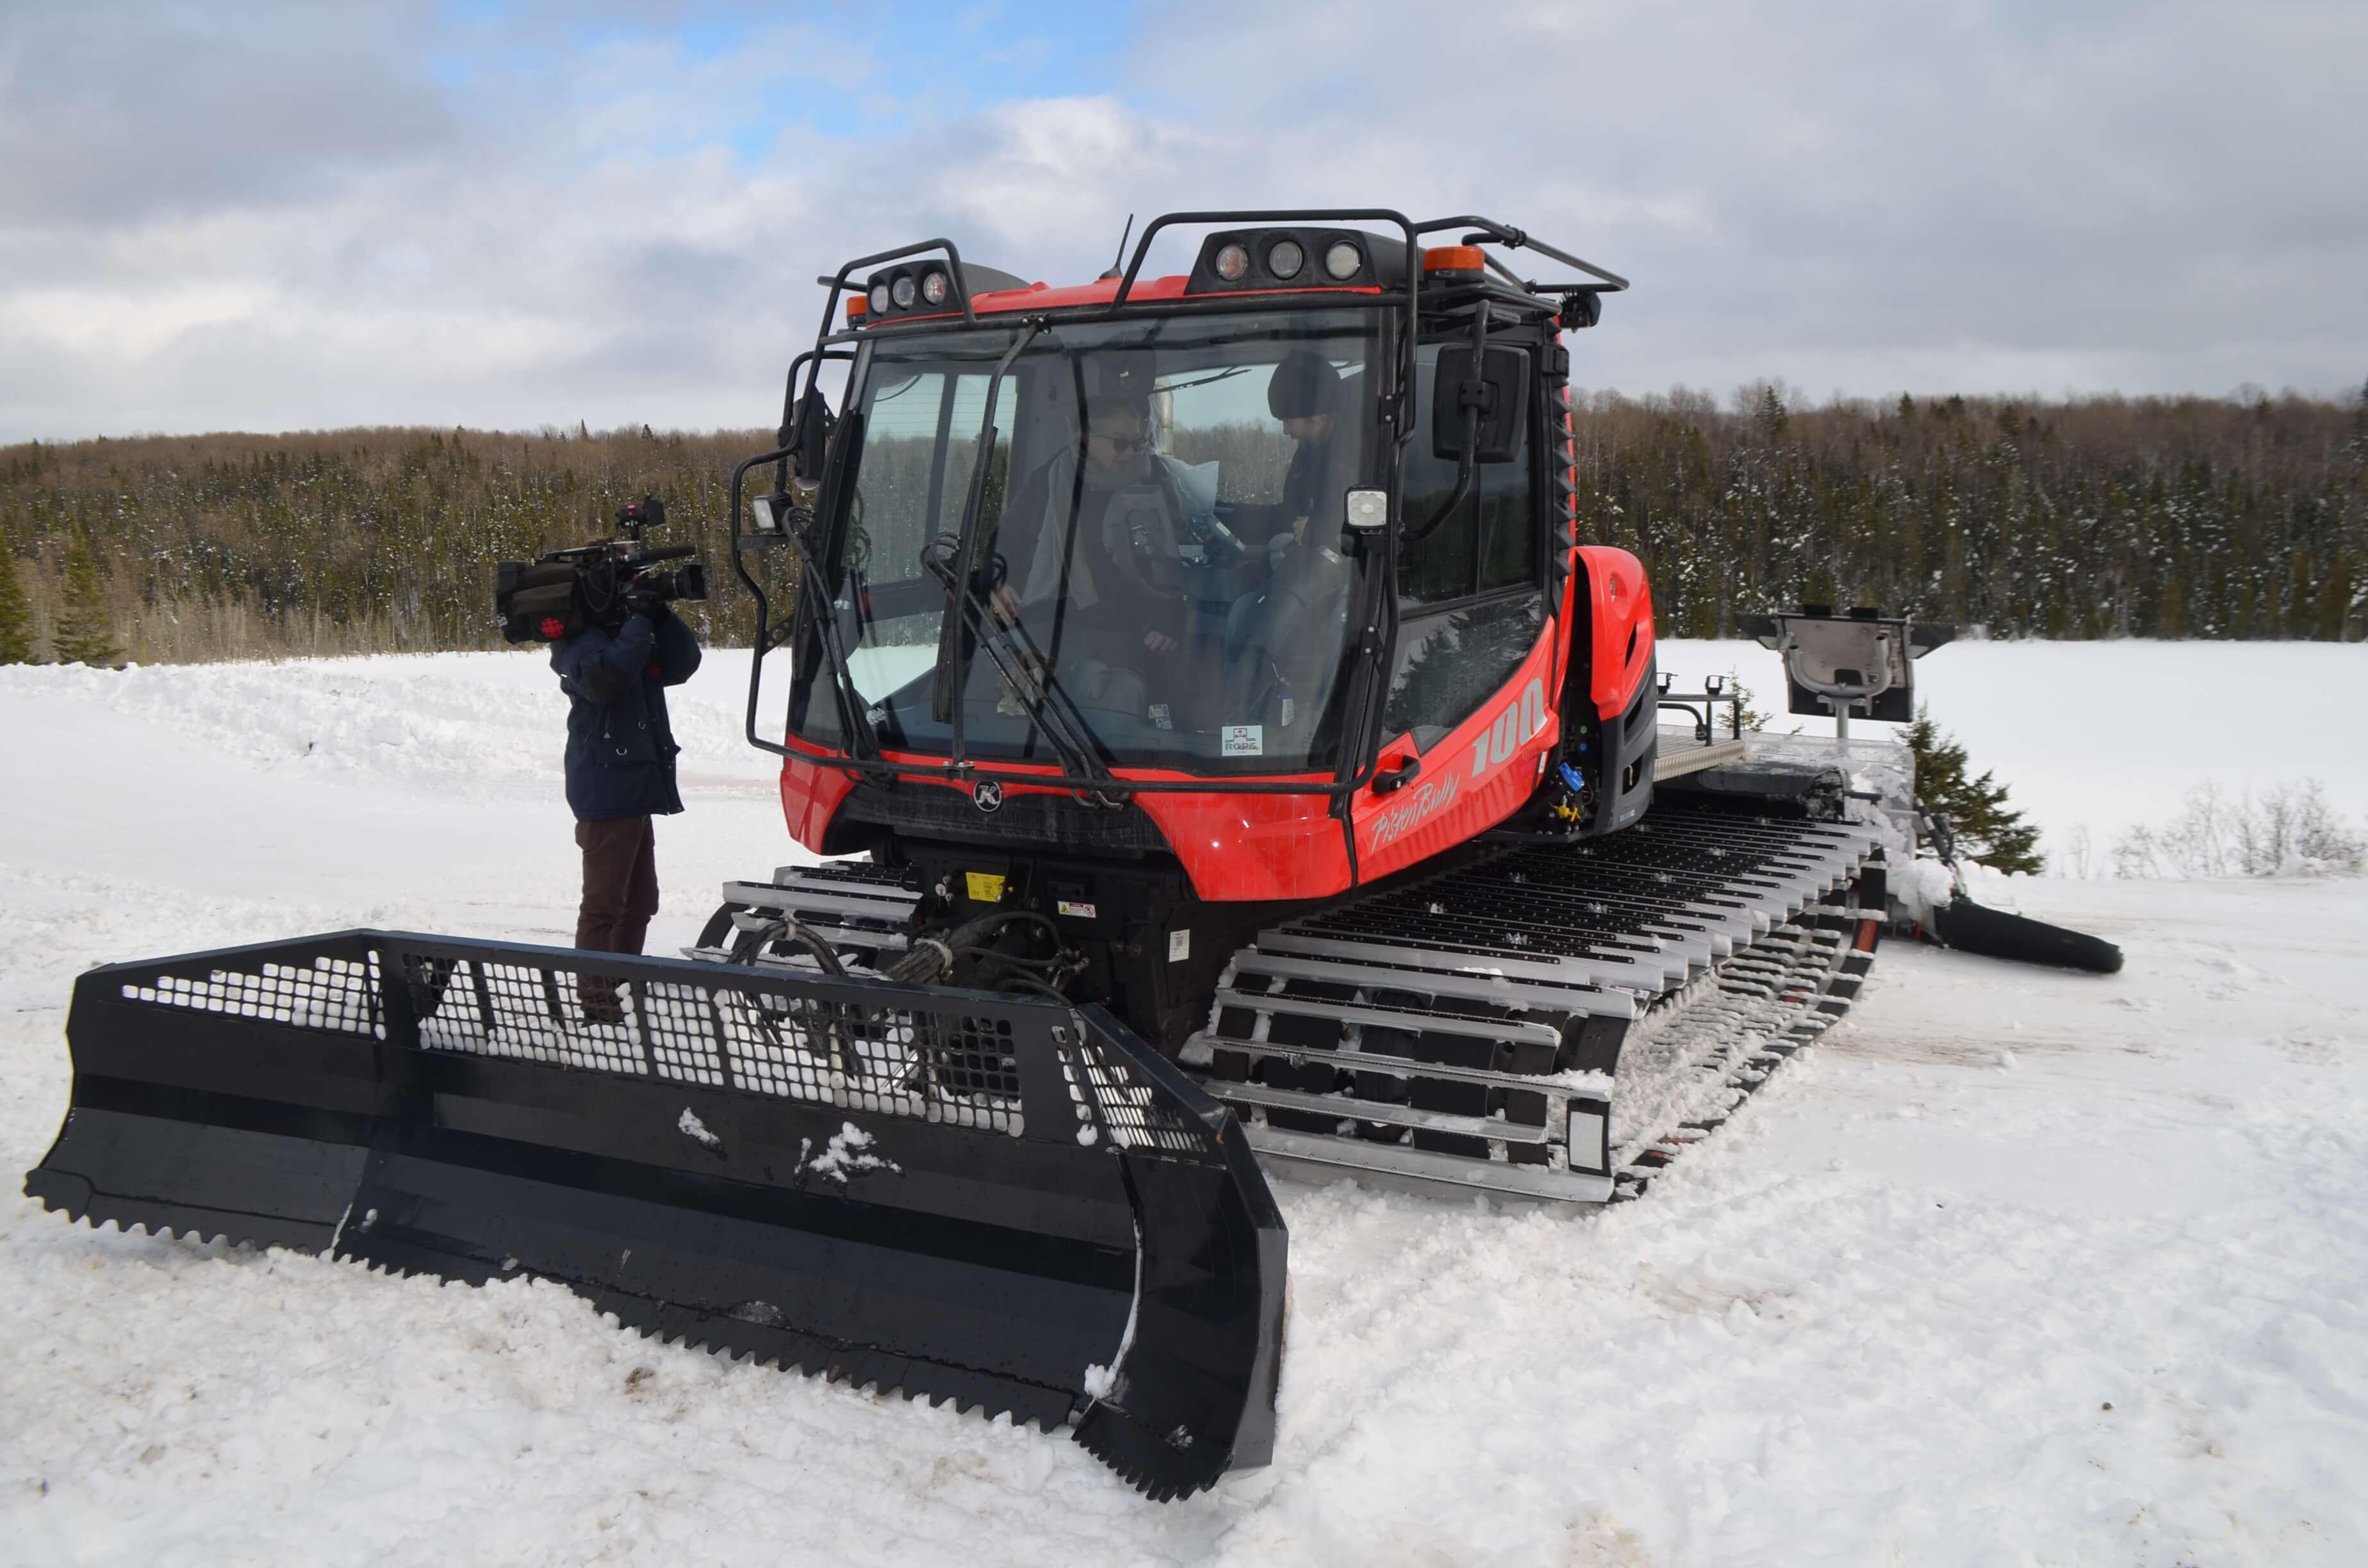 La nouvelle surfaceuse du Club de ski de fond Mouski.